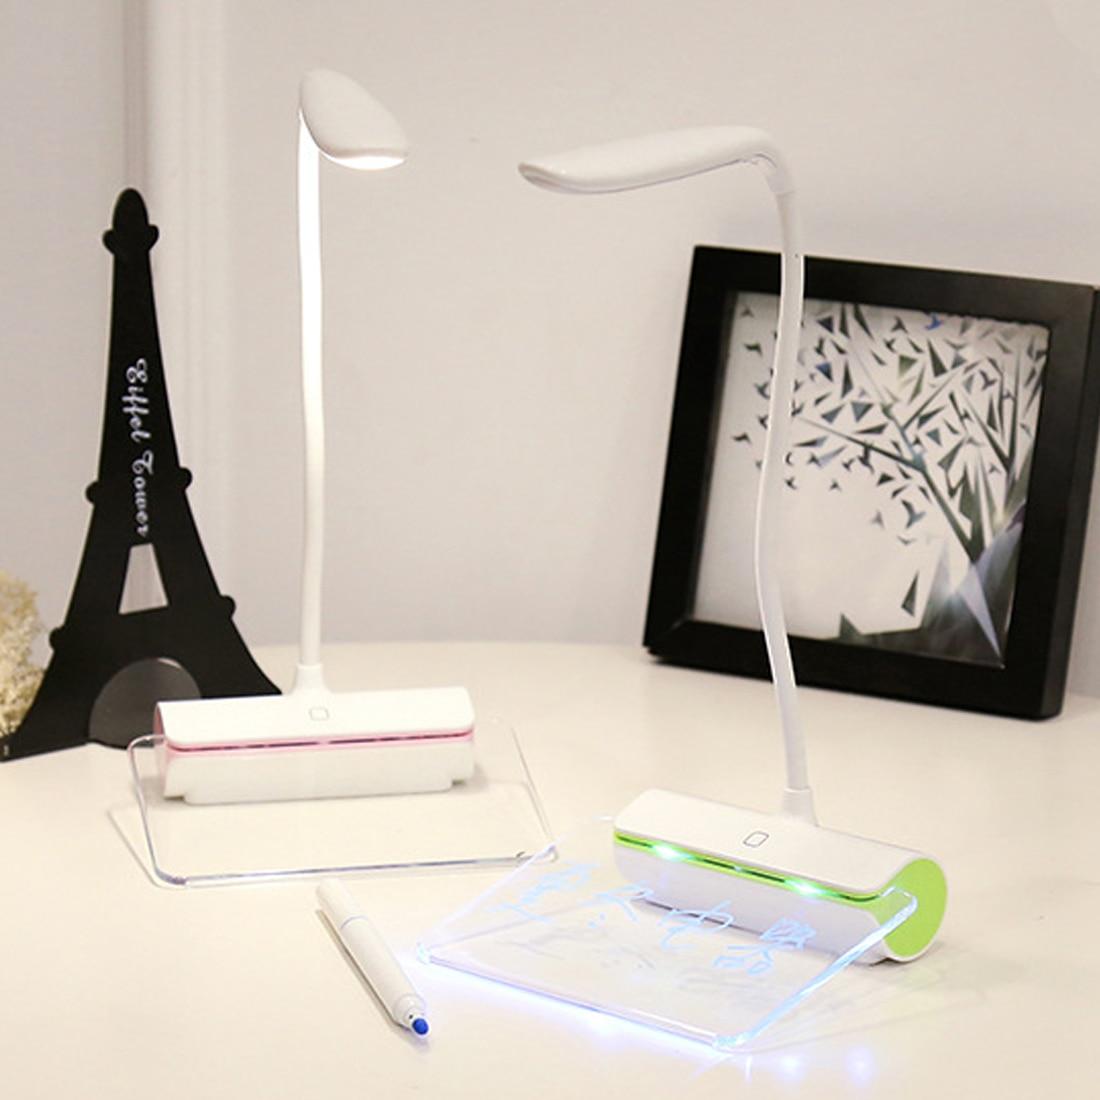 1.5 W Nieuwste Ontwerp Oplaadbare Tafellamp Led Light Switch Usb Opladen Tl Message Board Touch Nachtlampje 2019 Nieuwe Mode-Stijl Online